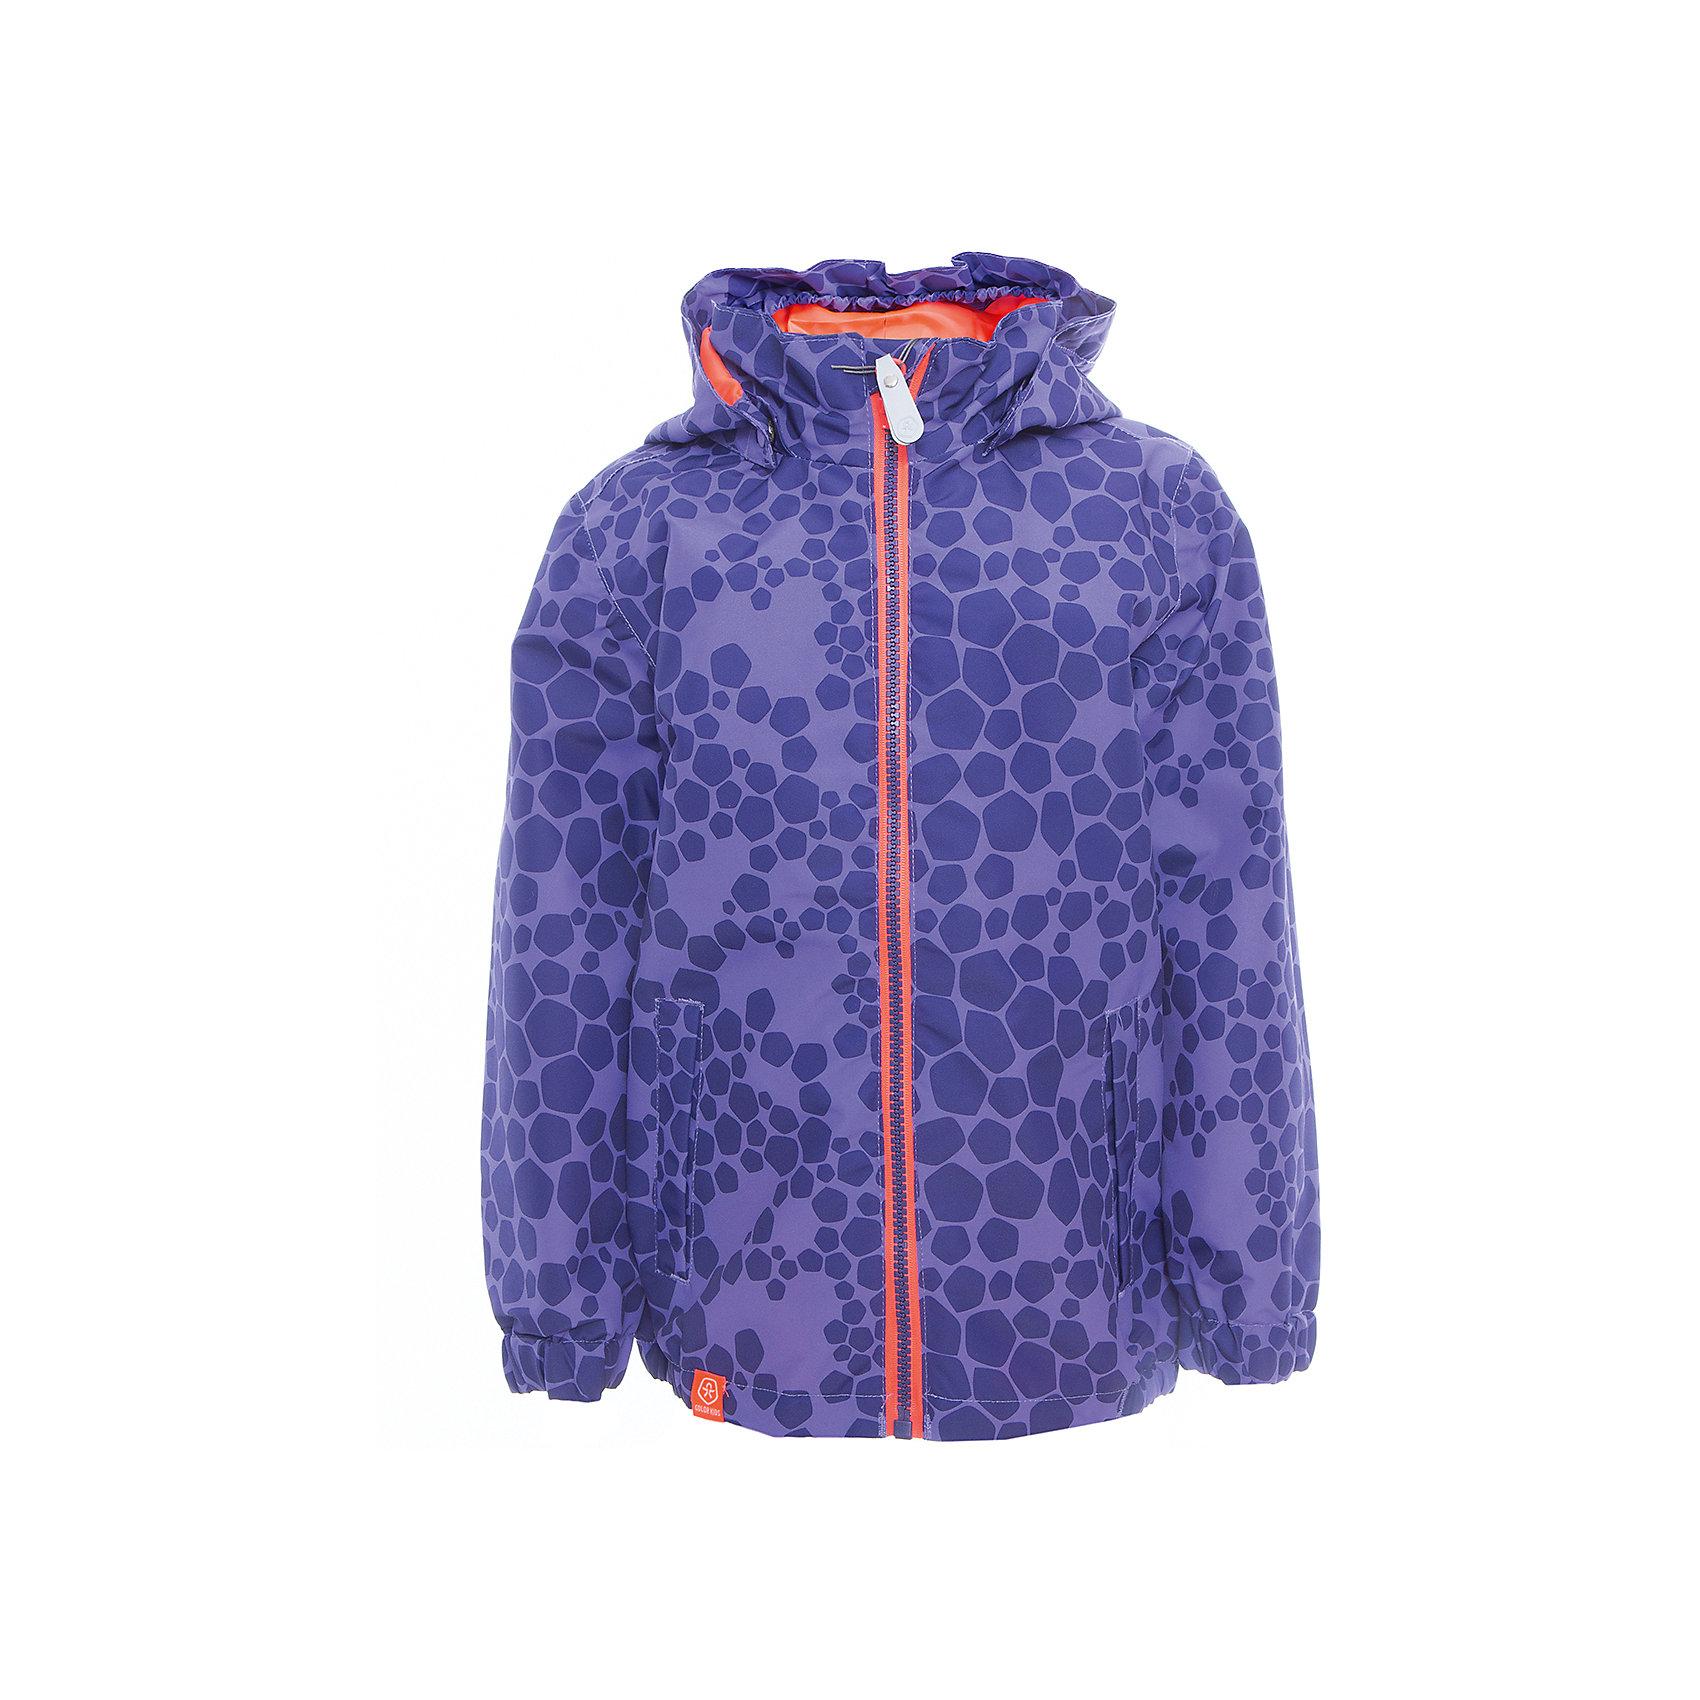 Ветровка для девочки Color KidsВерхняя одежда<br>Характеристики товара:<br><br>• цвет: фиолетовый<br>• состав: 100 % полиэстер, таслан<br>• подкладка: 100 % полиэфир, тафетта<br>• без утеплителя<br>• температурный режим: +10 С° до +20 С°<br>• мембранная технология<br>• водонепроницаемость: 3000 мм<br>• воздухопроницаемость: 3000 мм<br>• пропитка BIONIC-FINISH® ECO не содержащая фтора, парафина и формальдегида (дополнительная защита от грязи)<br>• проклеенные швы<br>• утяжка по низу куртки<br>• светоотражающие детали<br>• швы проклеены<br>• съемный капюшон<br>• защита подбородка<br>• два кармана на молнии<br>• логотип<br>• страна бренда: Дания<br><br>Эта симпатичная и удобная куртка сделана из непромокаемого легкого материала, поэтому отлично подойдет для дождливой погоды в межсезонье. Она комфортно сидит и обеспечивает ребенку необходимое удобство. Очень стильно смотрится.<br><br>Ветровку для мальчика от датского бренда Color Kids (Колор кидз) можно купить в нашем интернет-магазине.<br><br>Ширина мм: 356<br>Глубина мм: 10<br>Высота мм: 245<br>Вес г: 519<br>Цвет: фиолетовый<br>Возраст от месяцев: 24<br>Возраст до месяцев: 36<br>Пол: Женский<br>Возраст: Детский<br>Размер: 98,104,110,116,122,128,140,152,92<br>SKU: 5443059